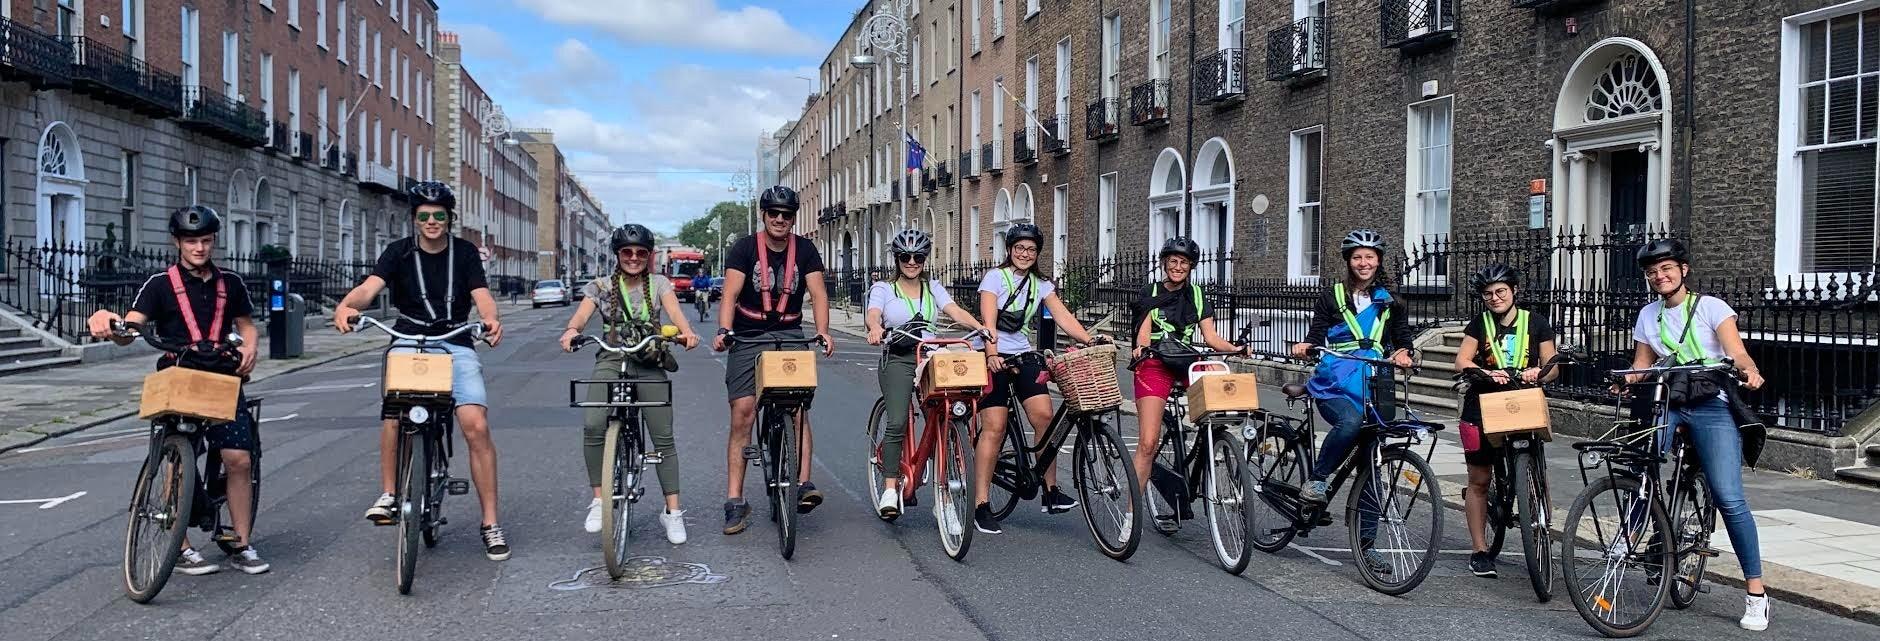 Tour di Dublino in bicicletta